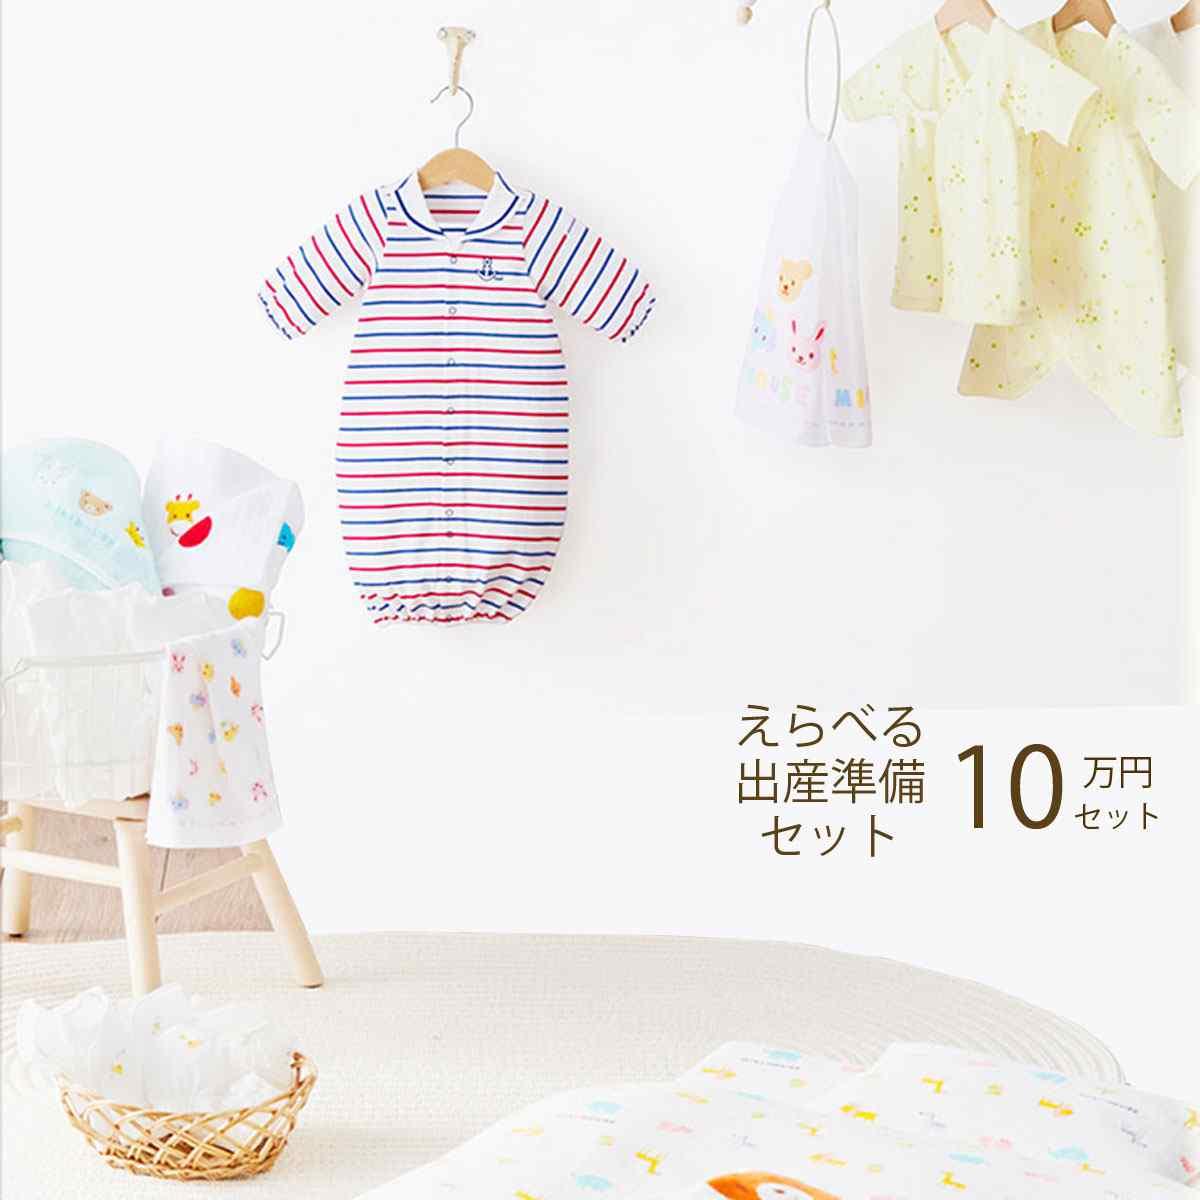 ミキハウス 出産準備 えらべるセット 10万円セット ベビー 赤ちゃん ラッピング不可 mikihouse 49-0010-269SSPB VSI